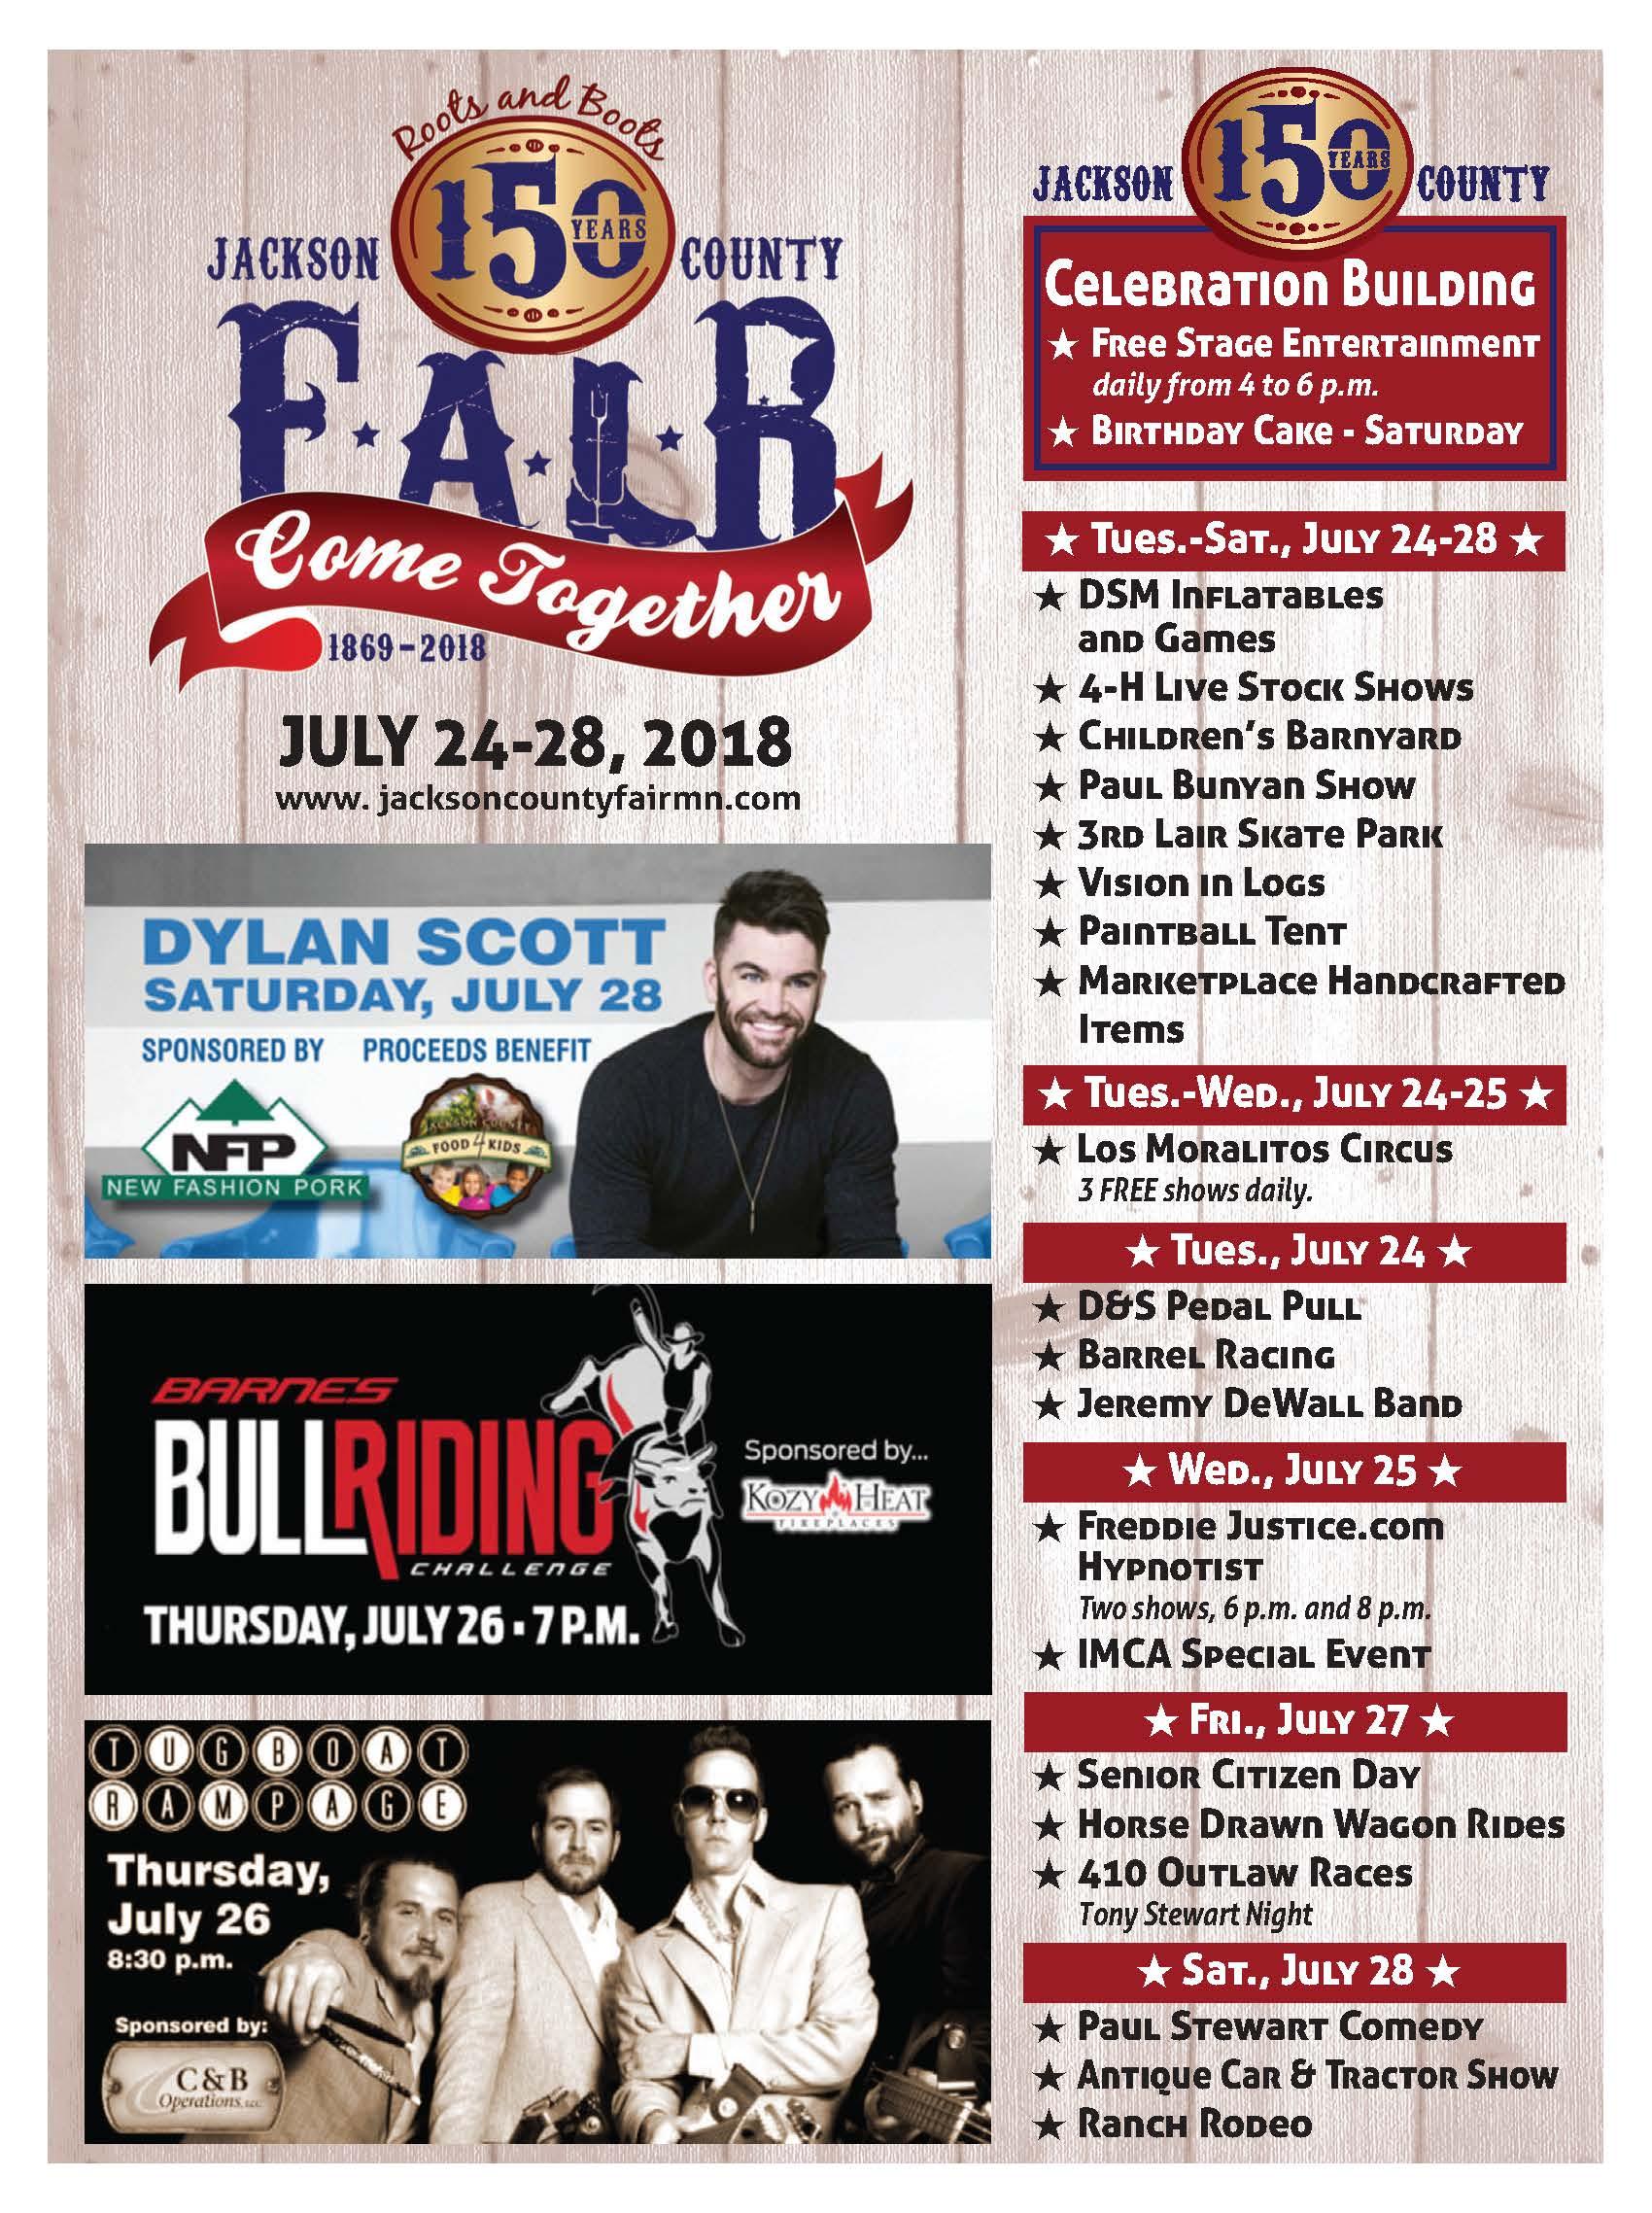 Jackson-County-Fair-Events-Poster-2018-8.5x11.jpg